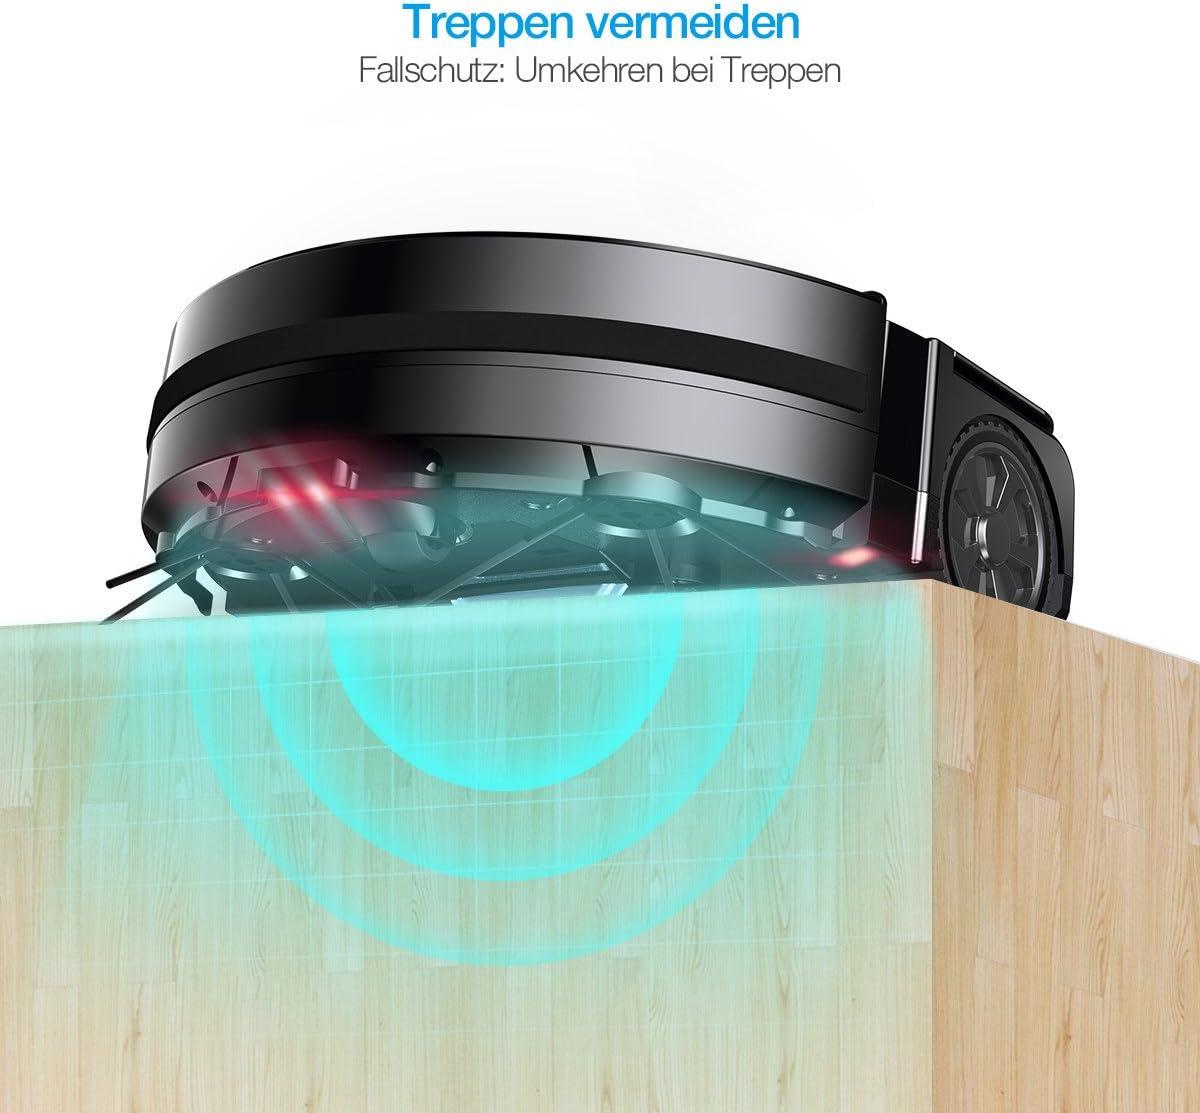 Housmile Aspiradora Robot: Amazon.es: Electrónica